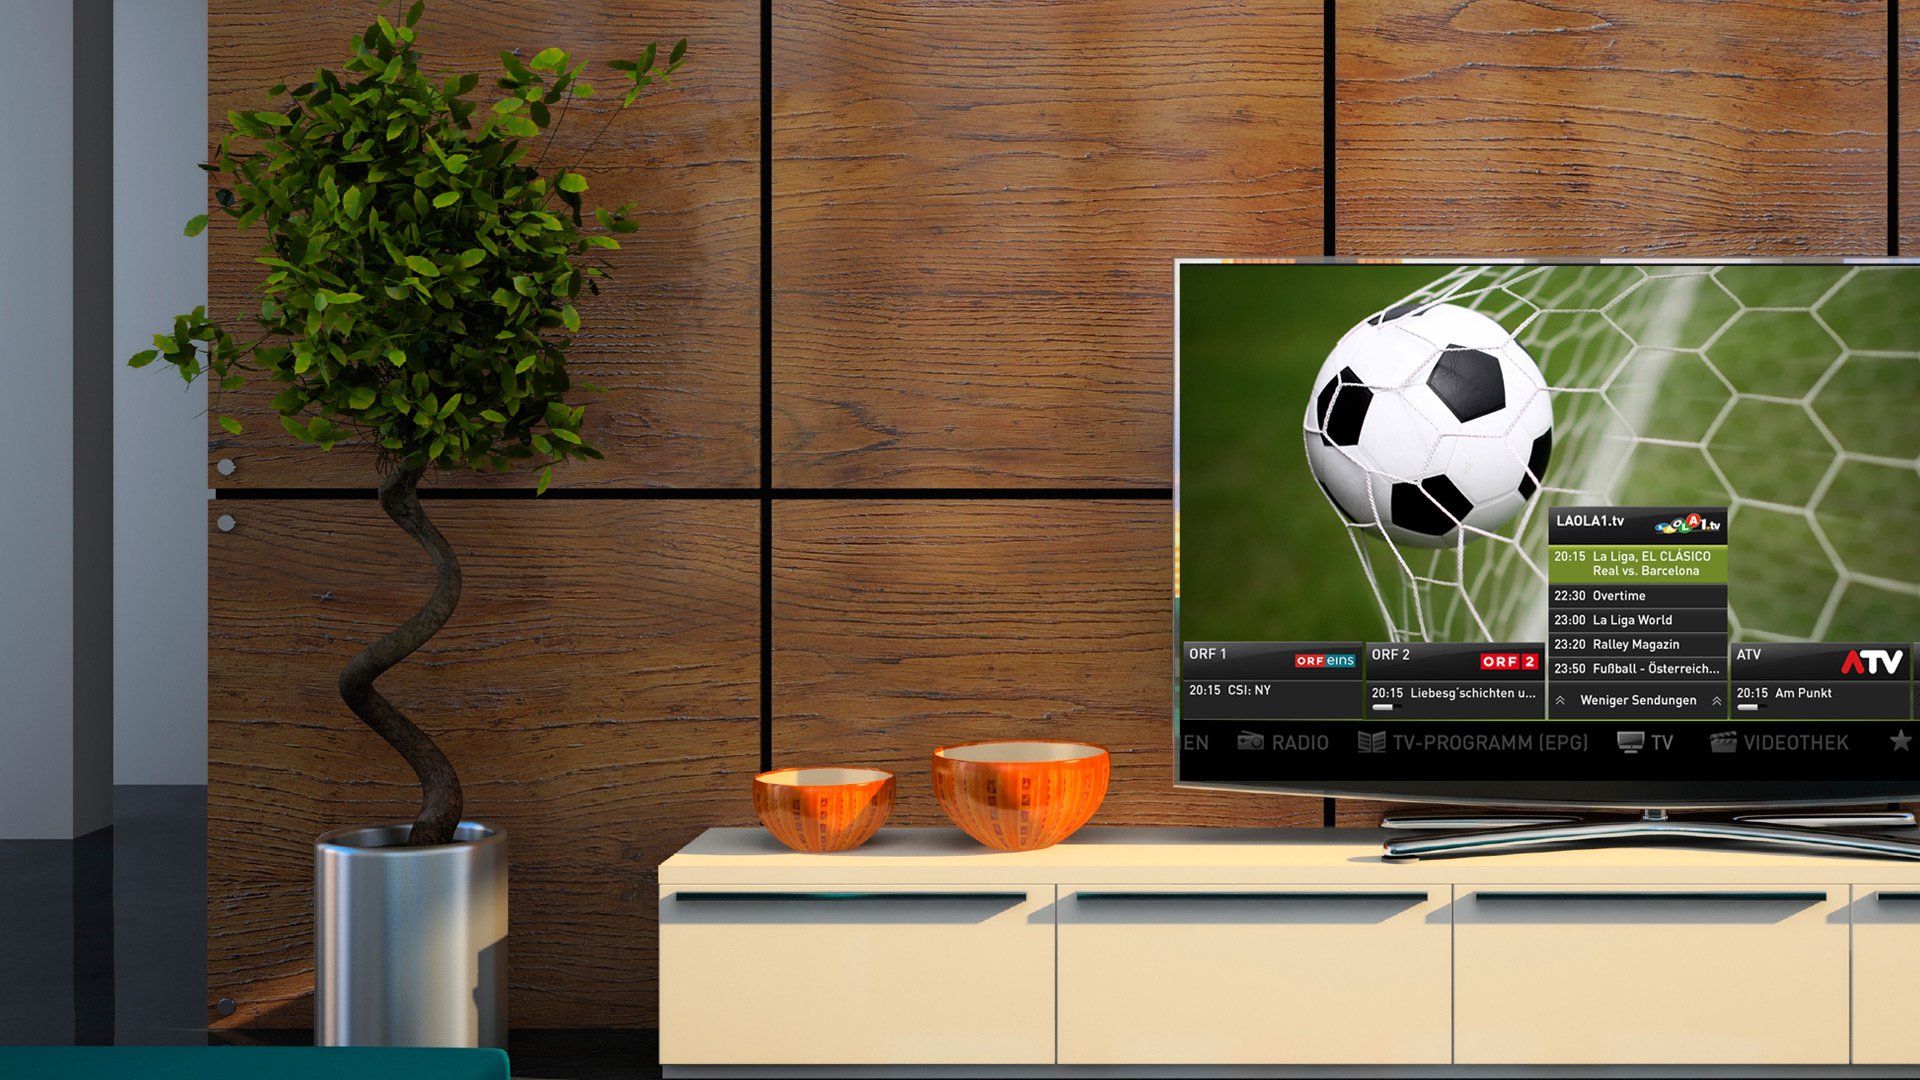 Fernseher Live-Übertragung Fußball